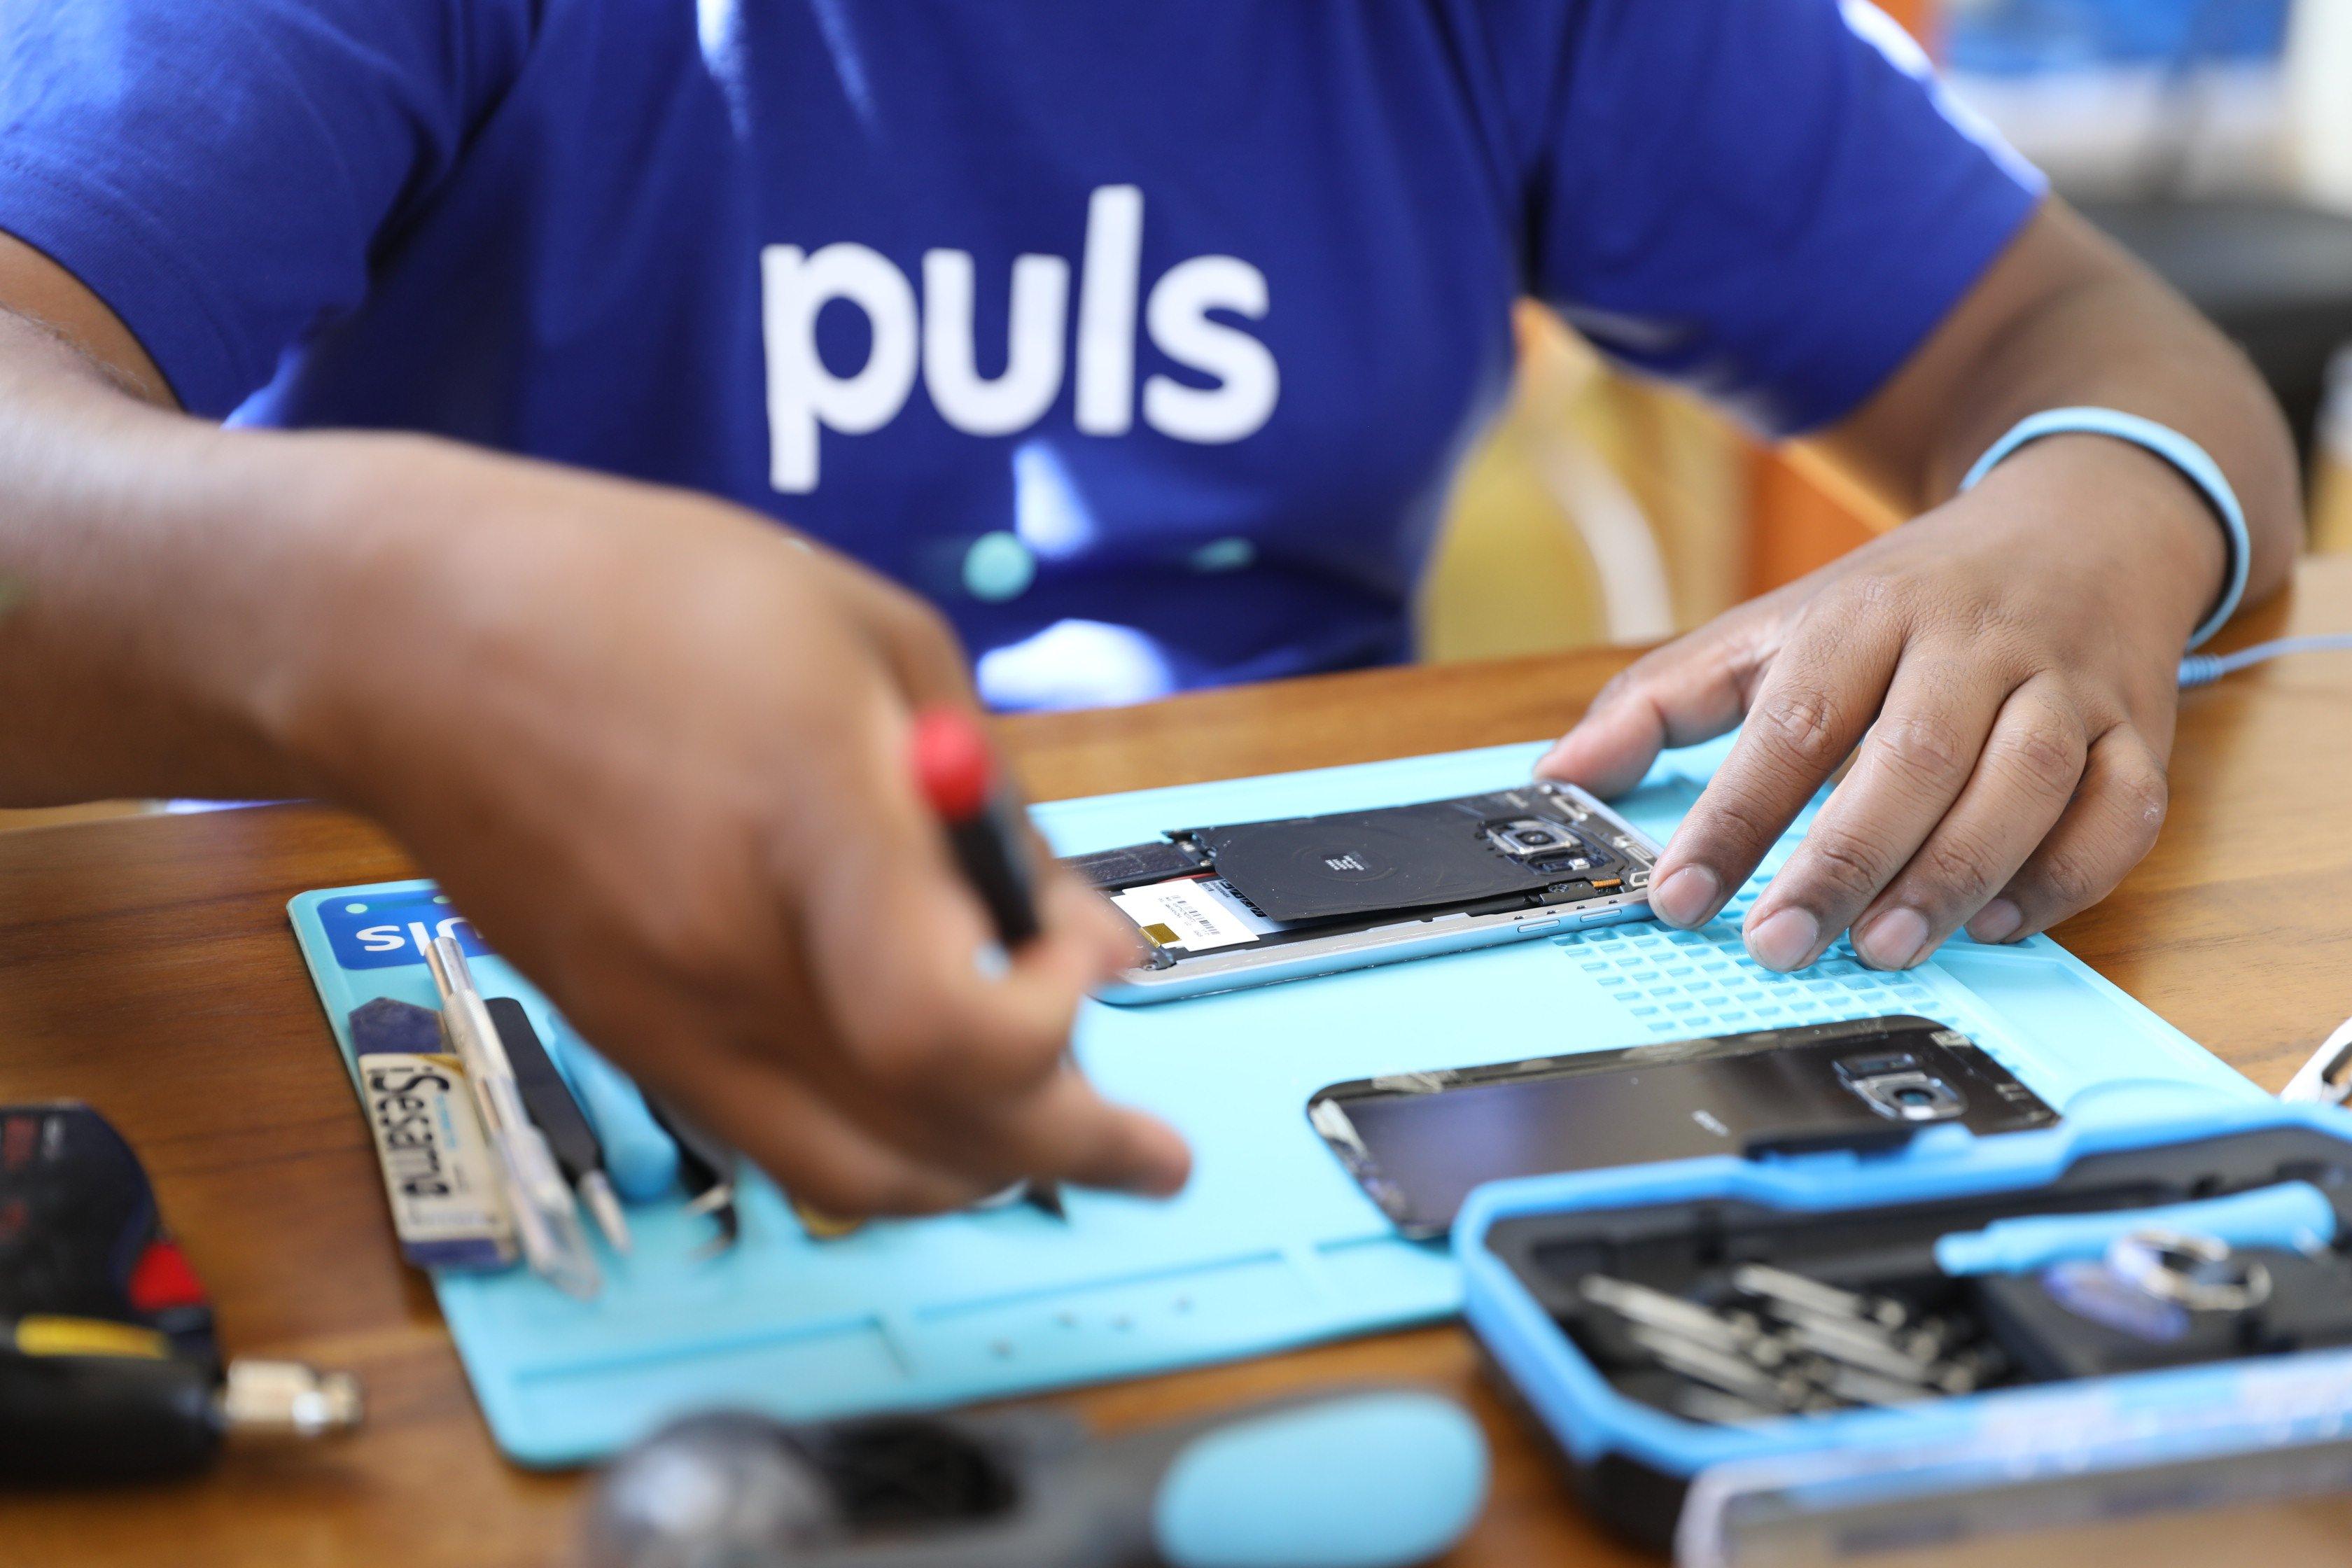 Puls Google Pixel repair